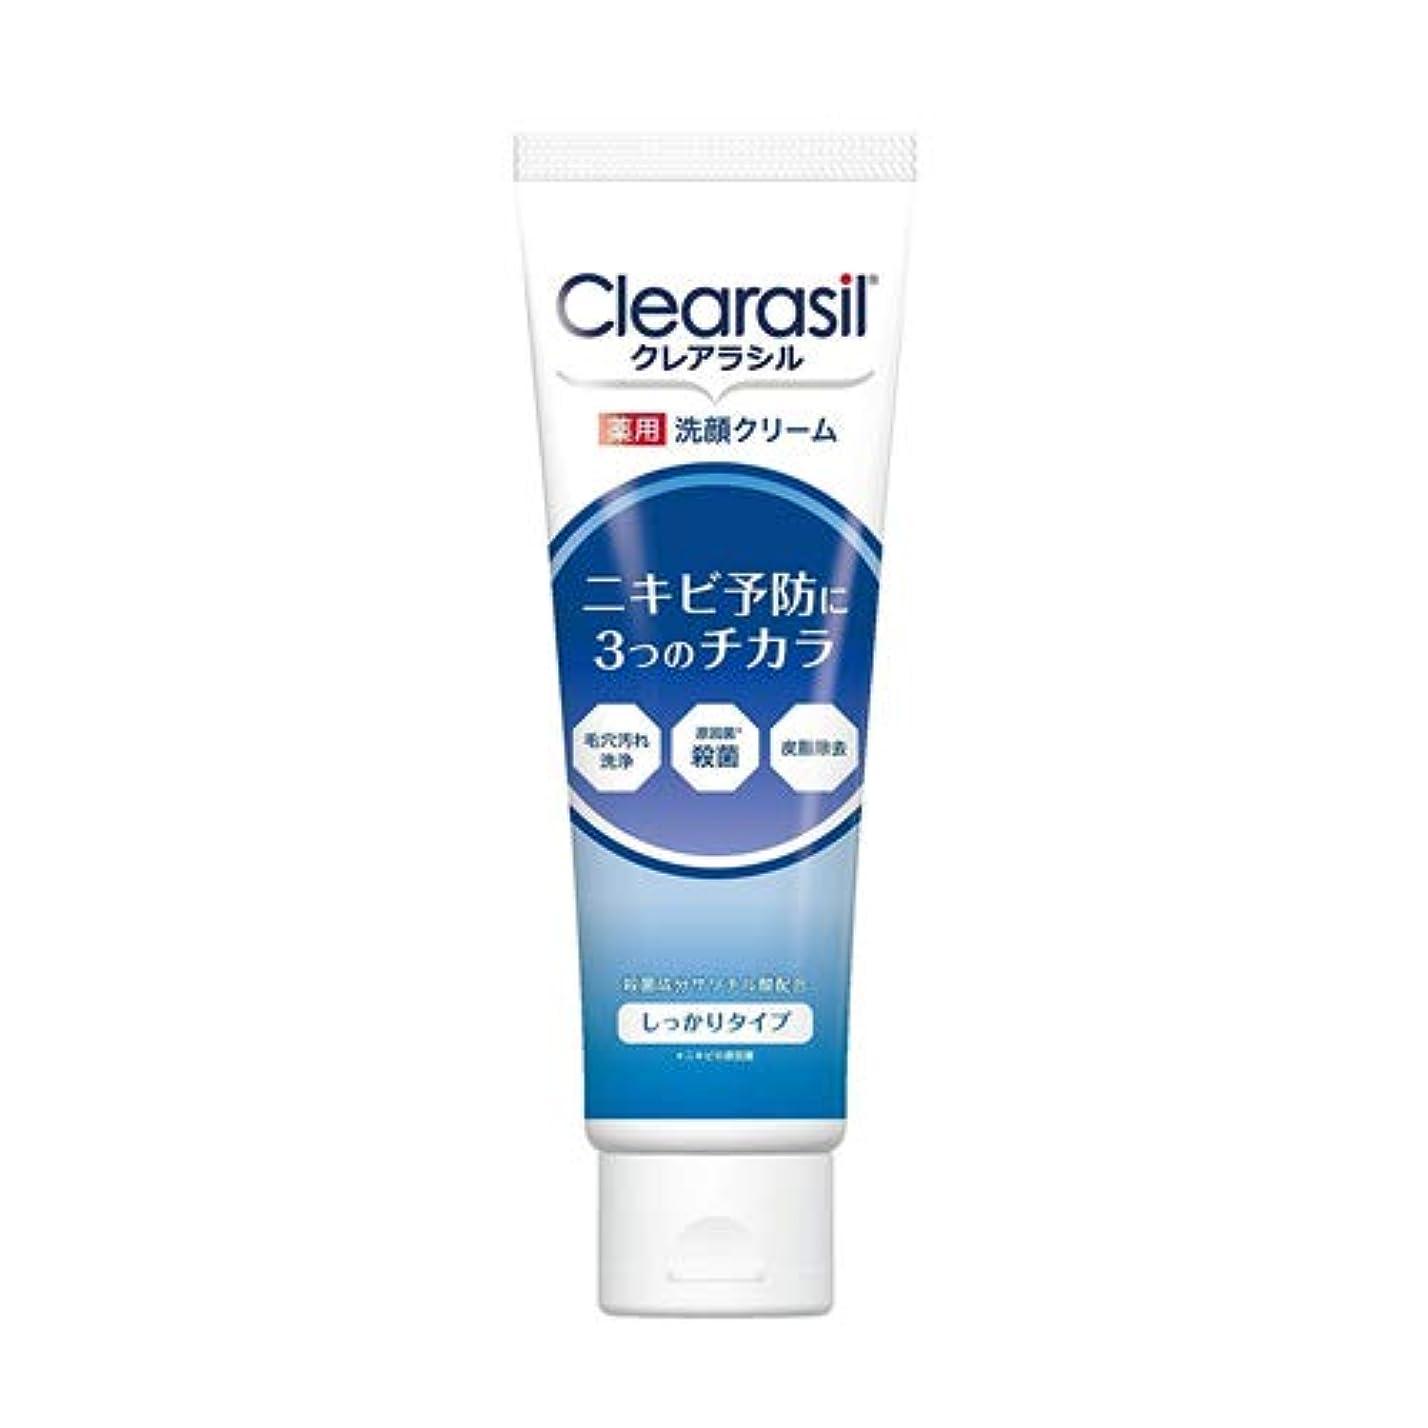 塩辛い脱臼する同種のクレアラシル 薬用 洗顔クリーム しっかりタイプ 120g 【医薬部外品】